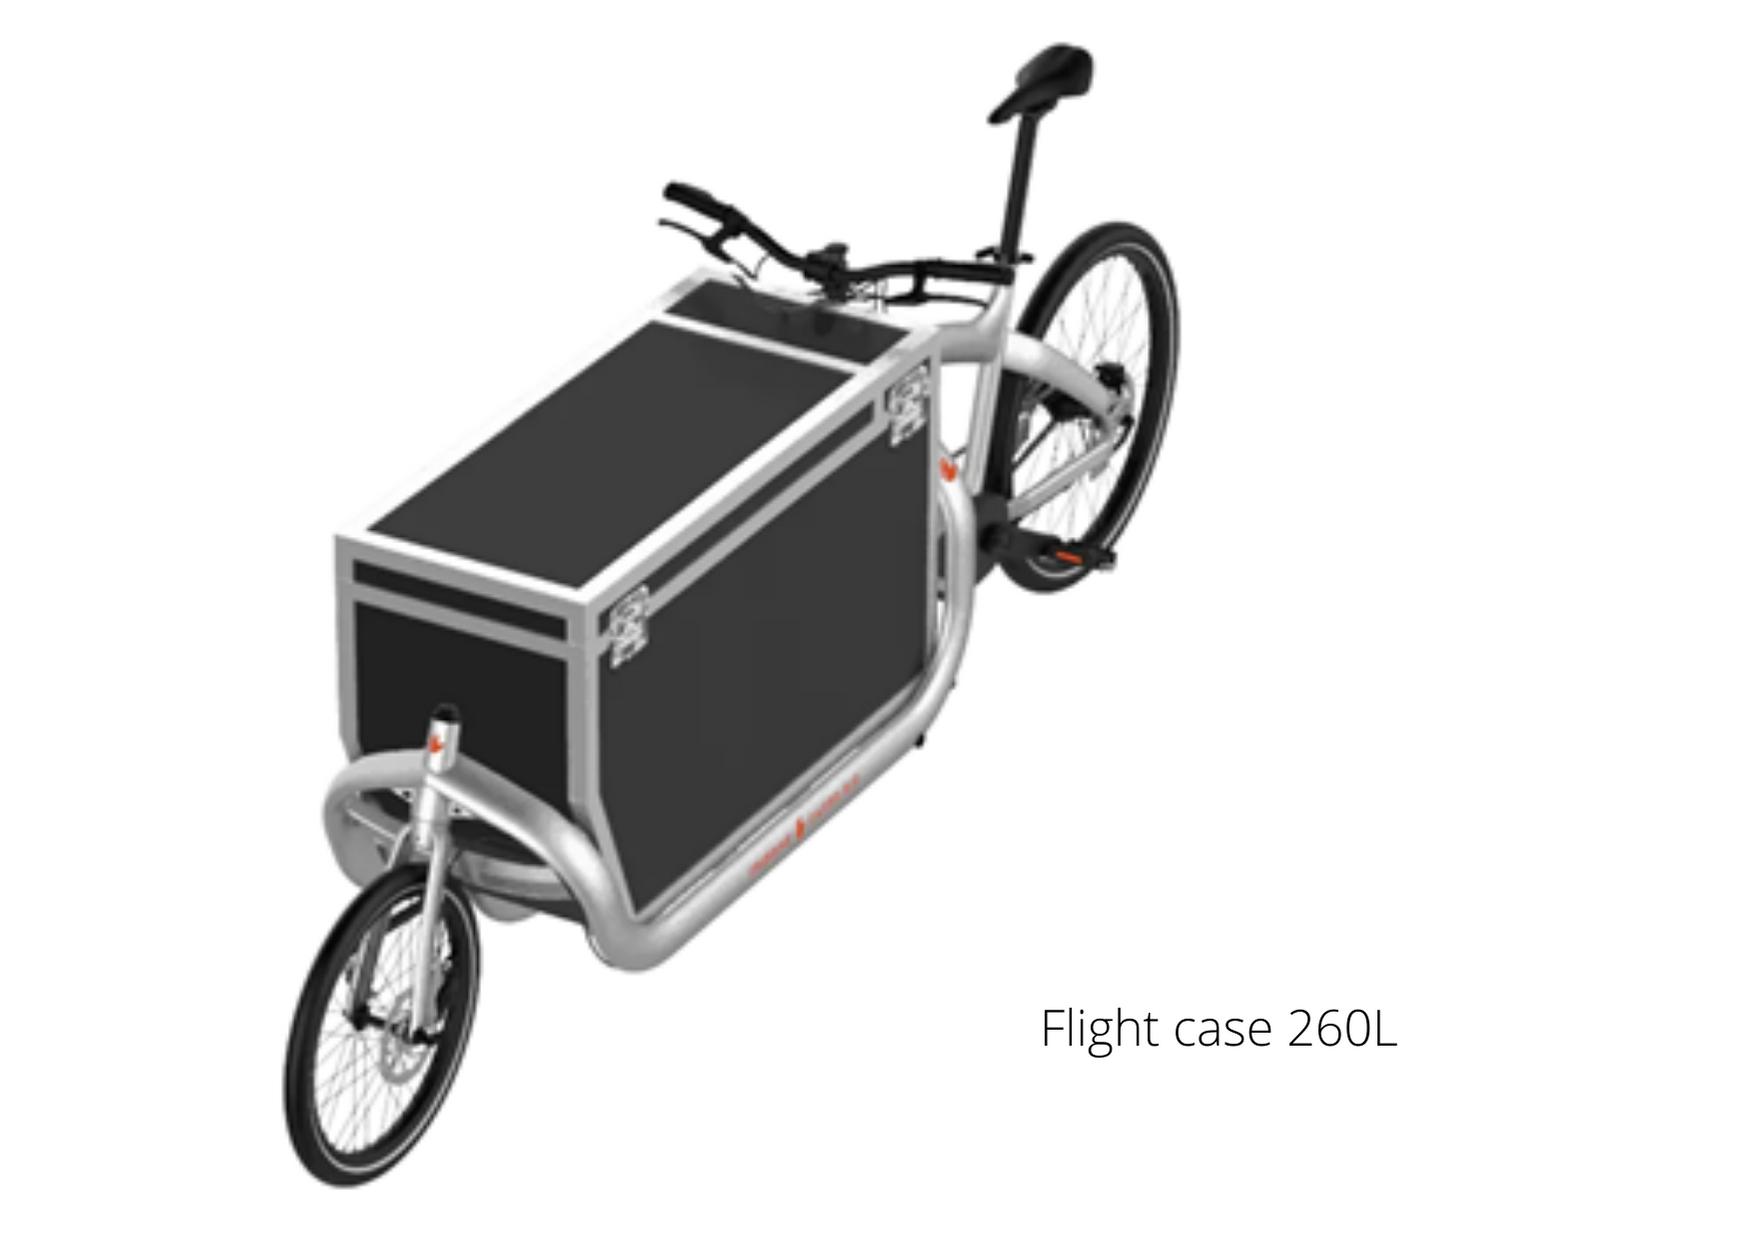 Flight case 260L